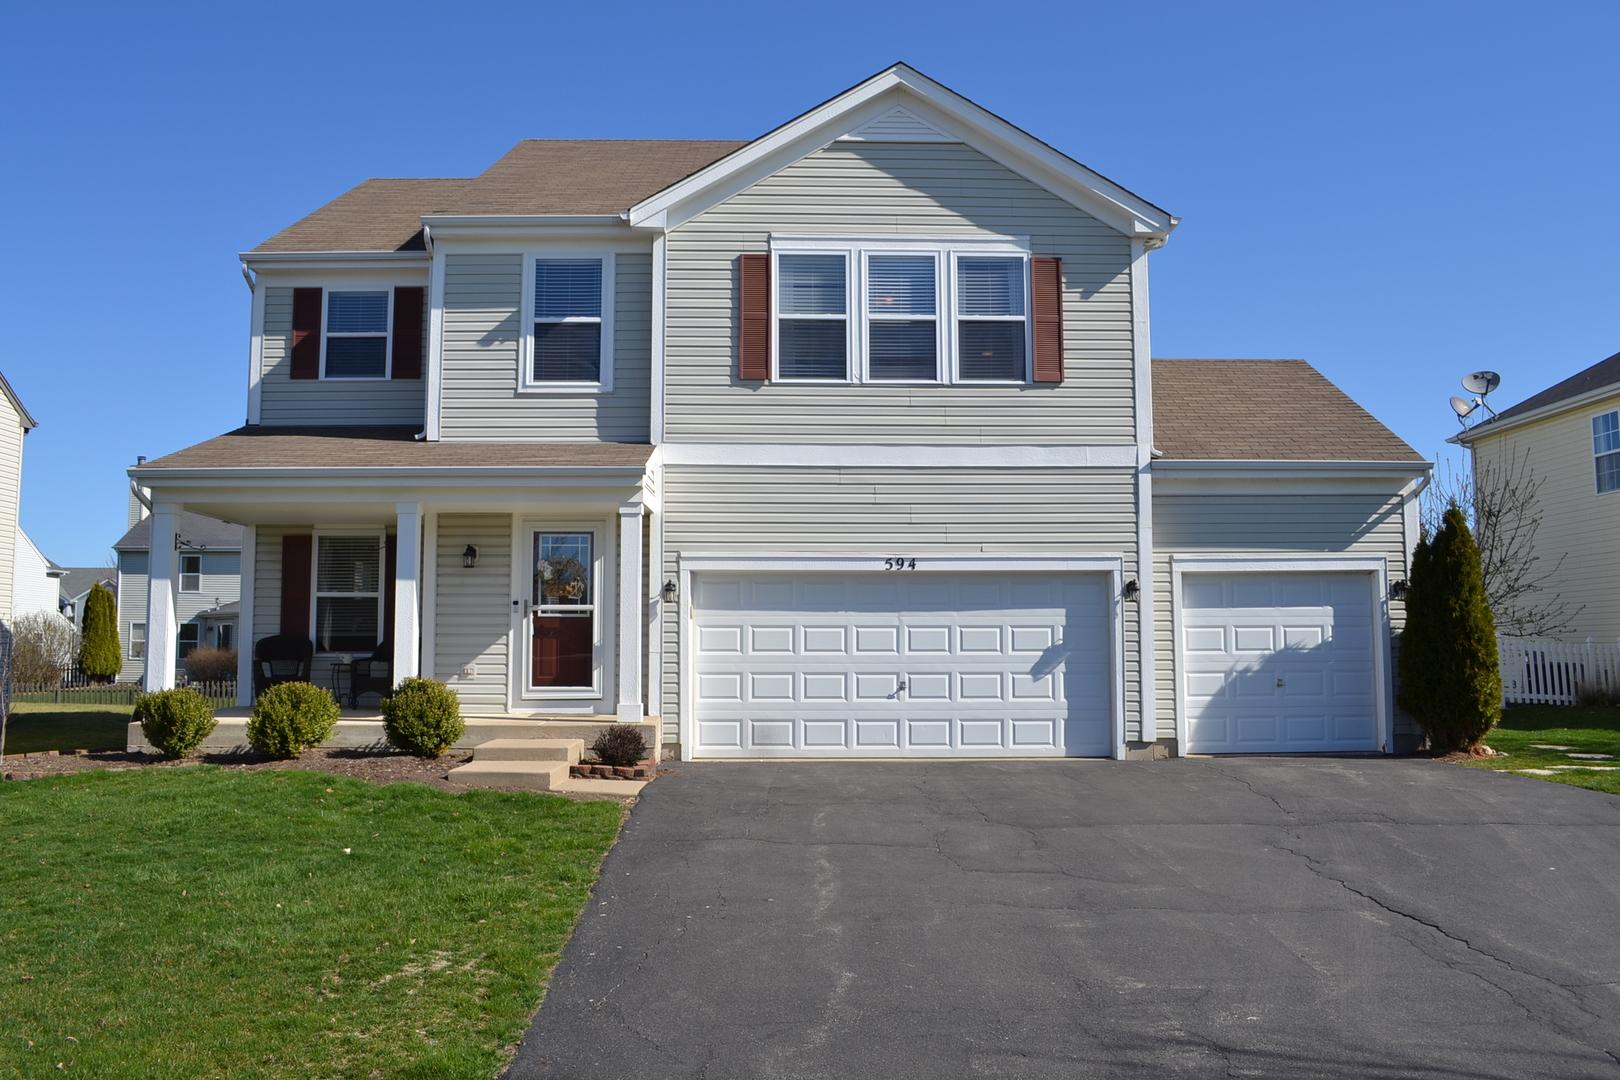 594  Holbrook,  ELBURN, Illinois